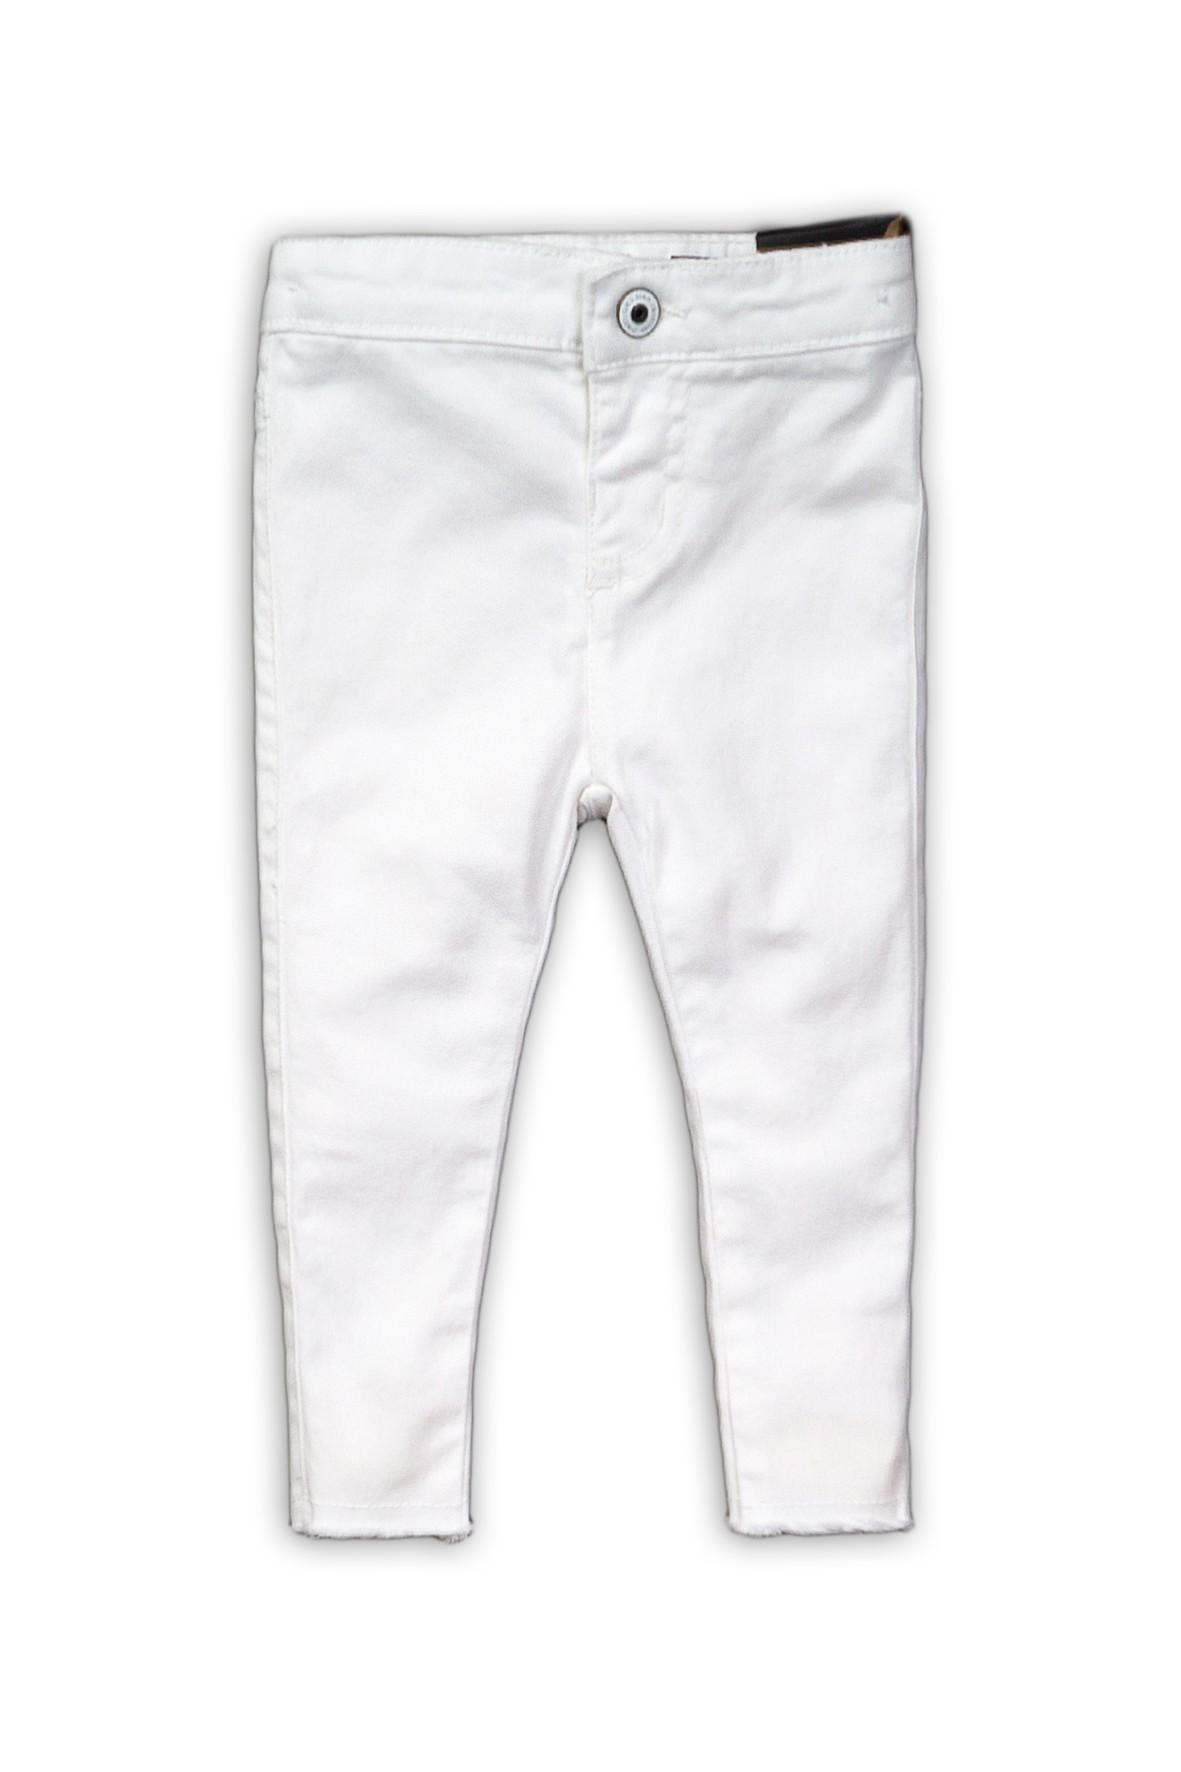 Jegginsy dziewczęce w kolorze białym